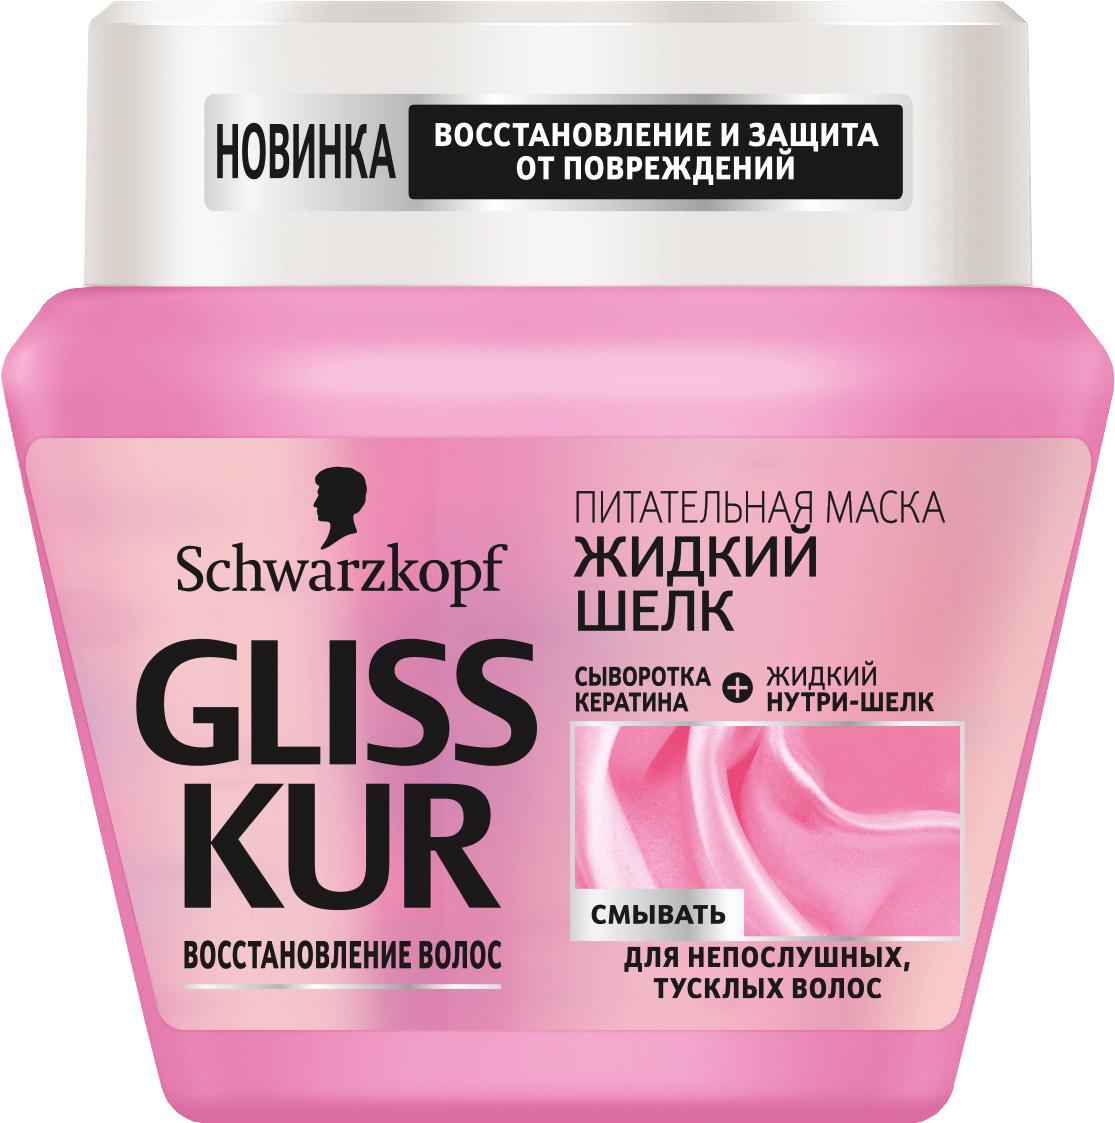 """Маска для волос Gliss Kur """"Жидкий шелк"""", питательная, 300 мл #1"""